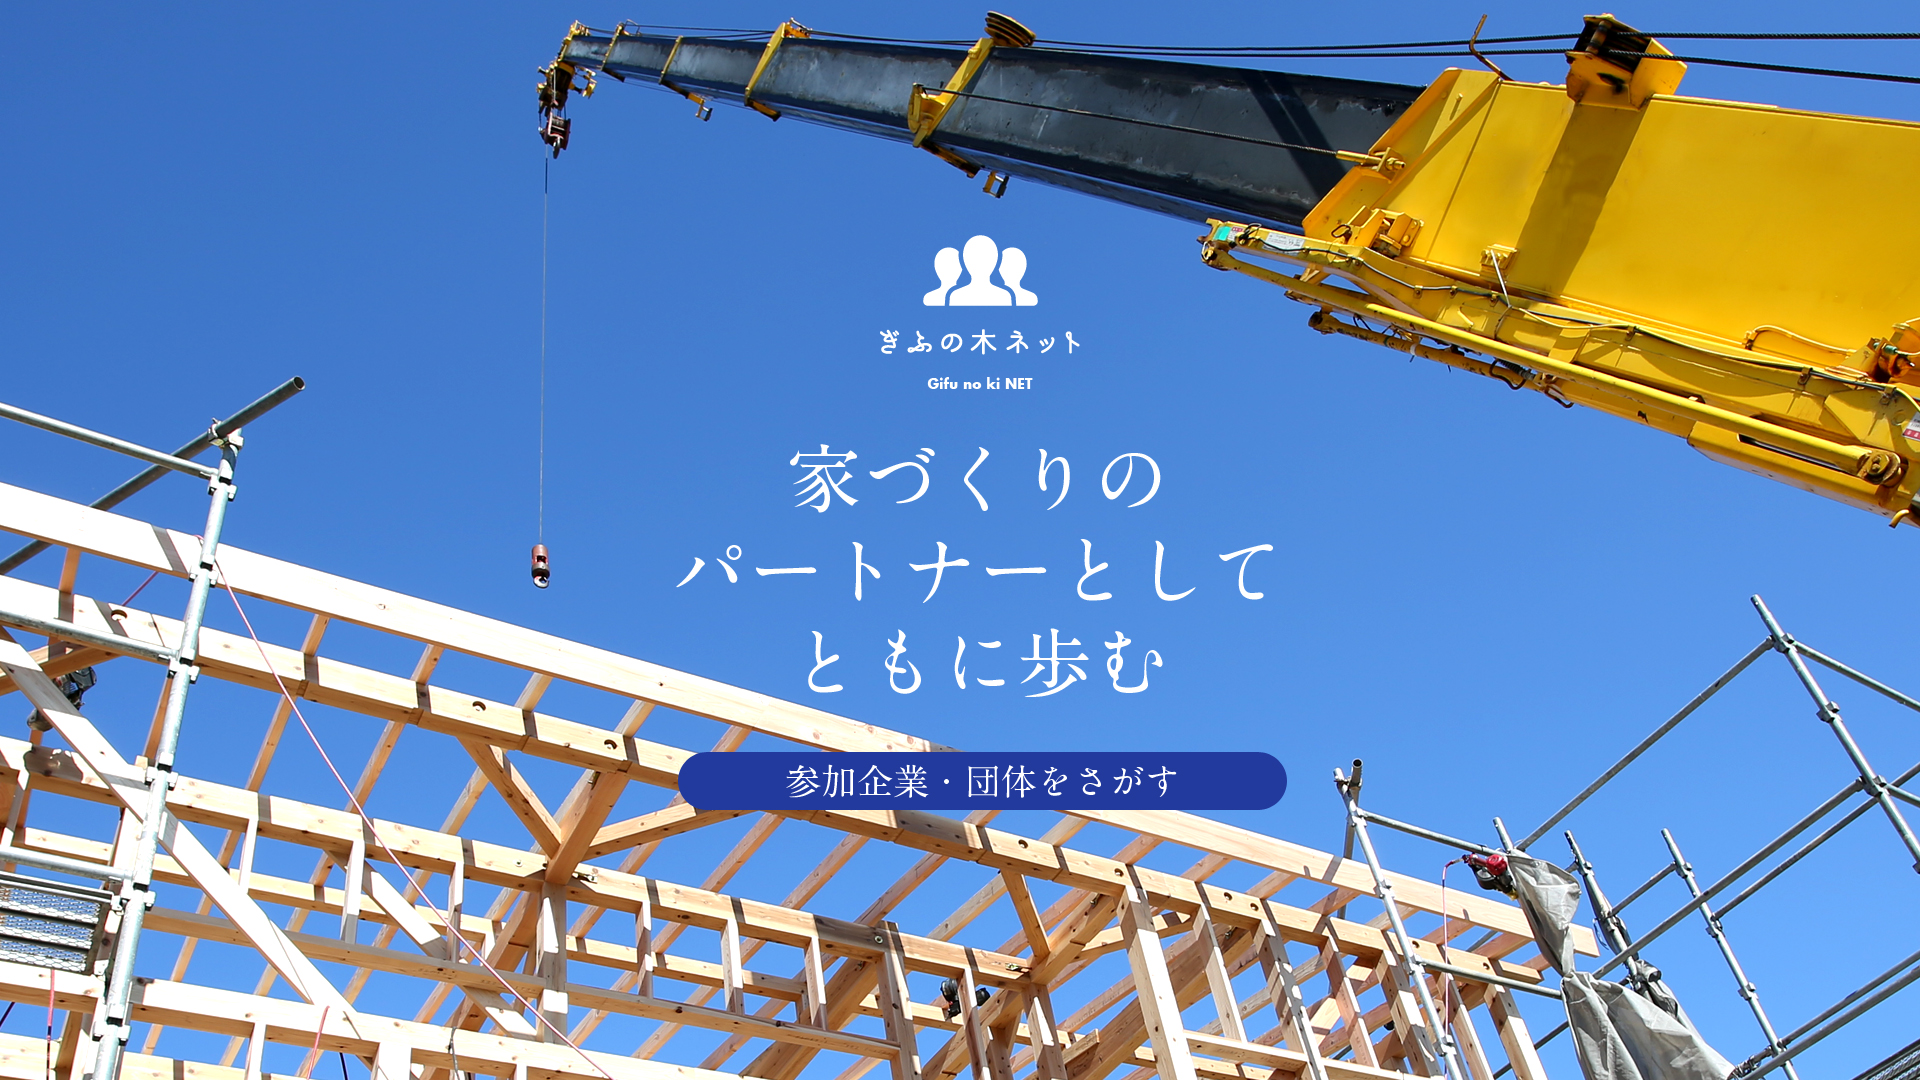 ぎふの木ネット・参加企業・団体検索